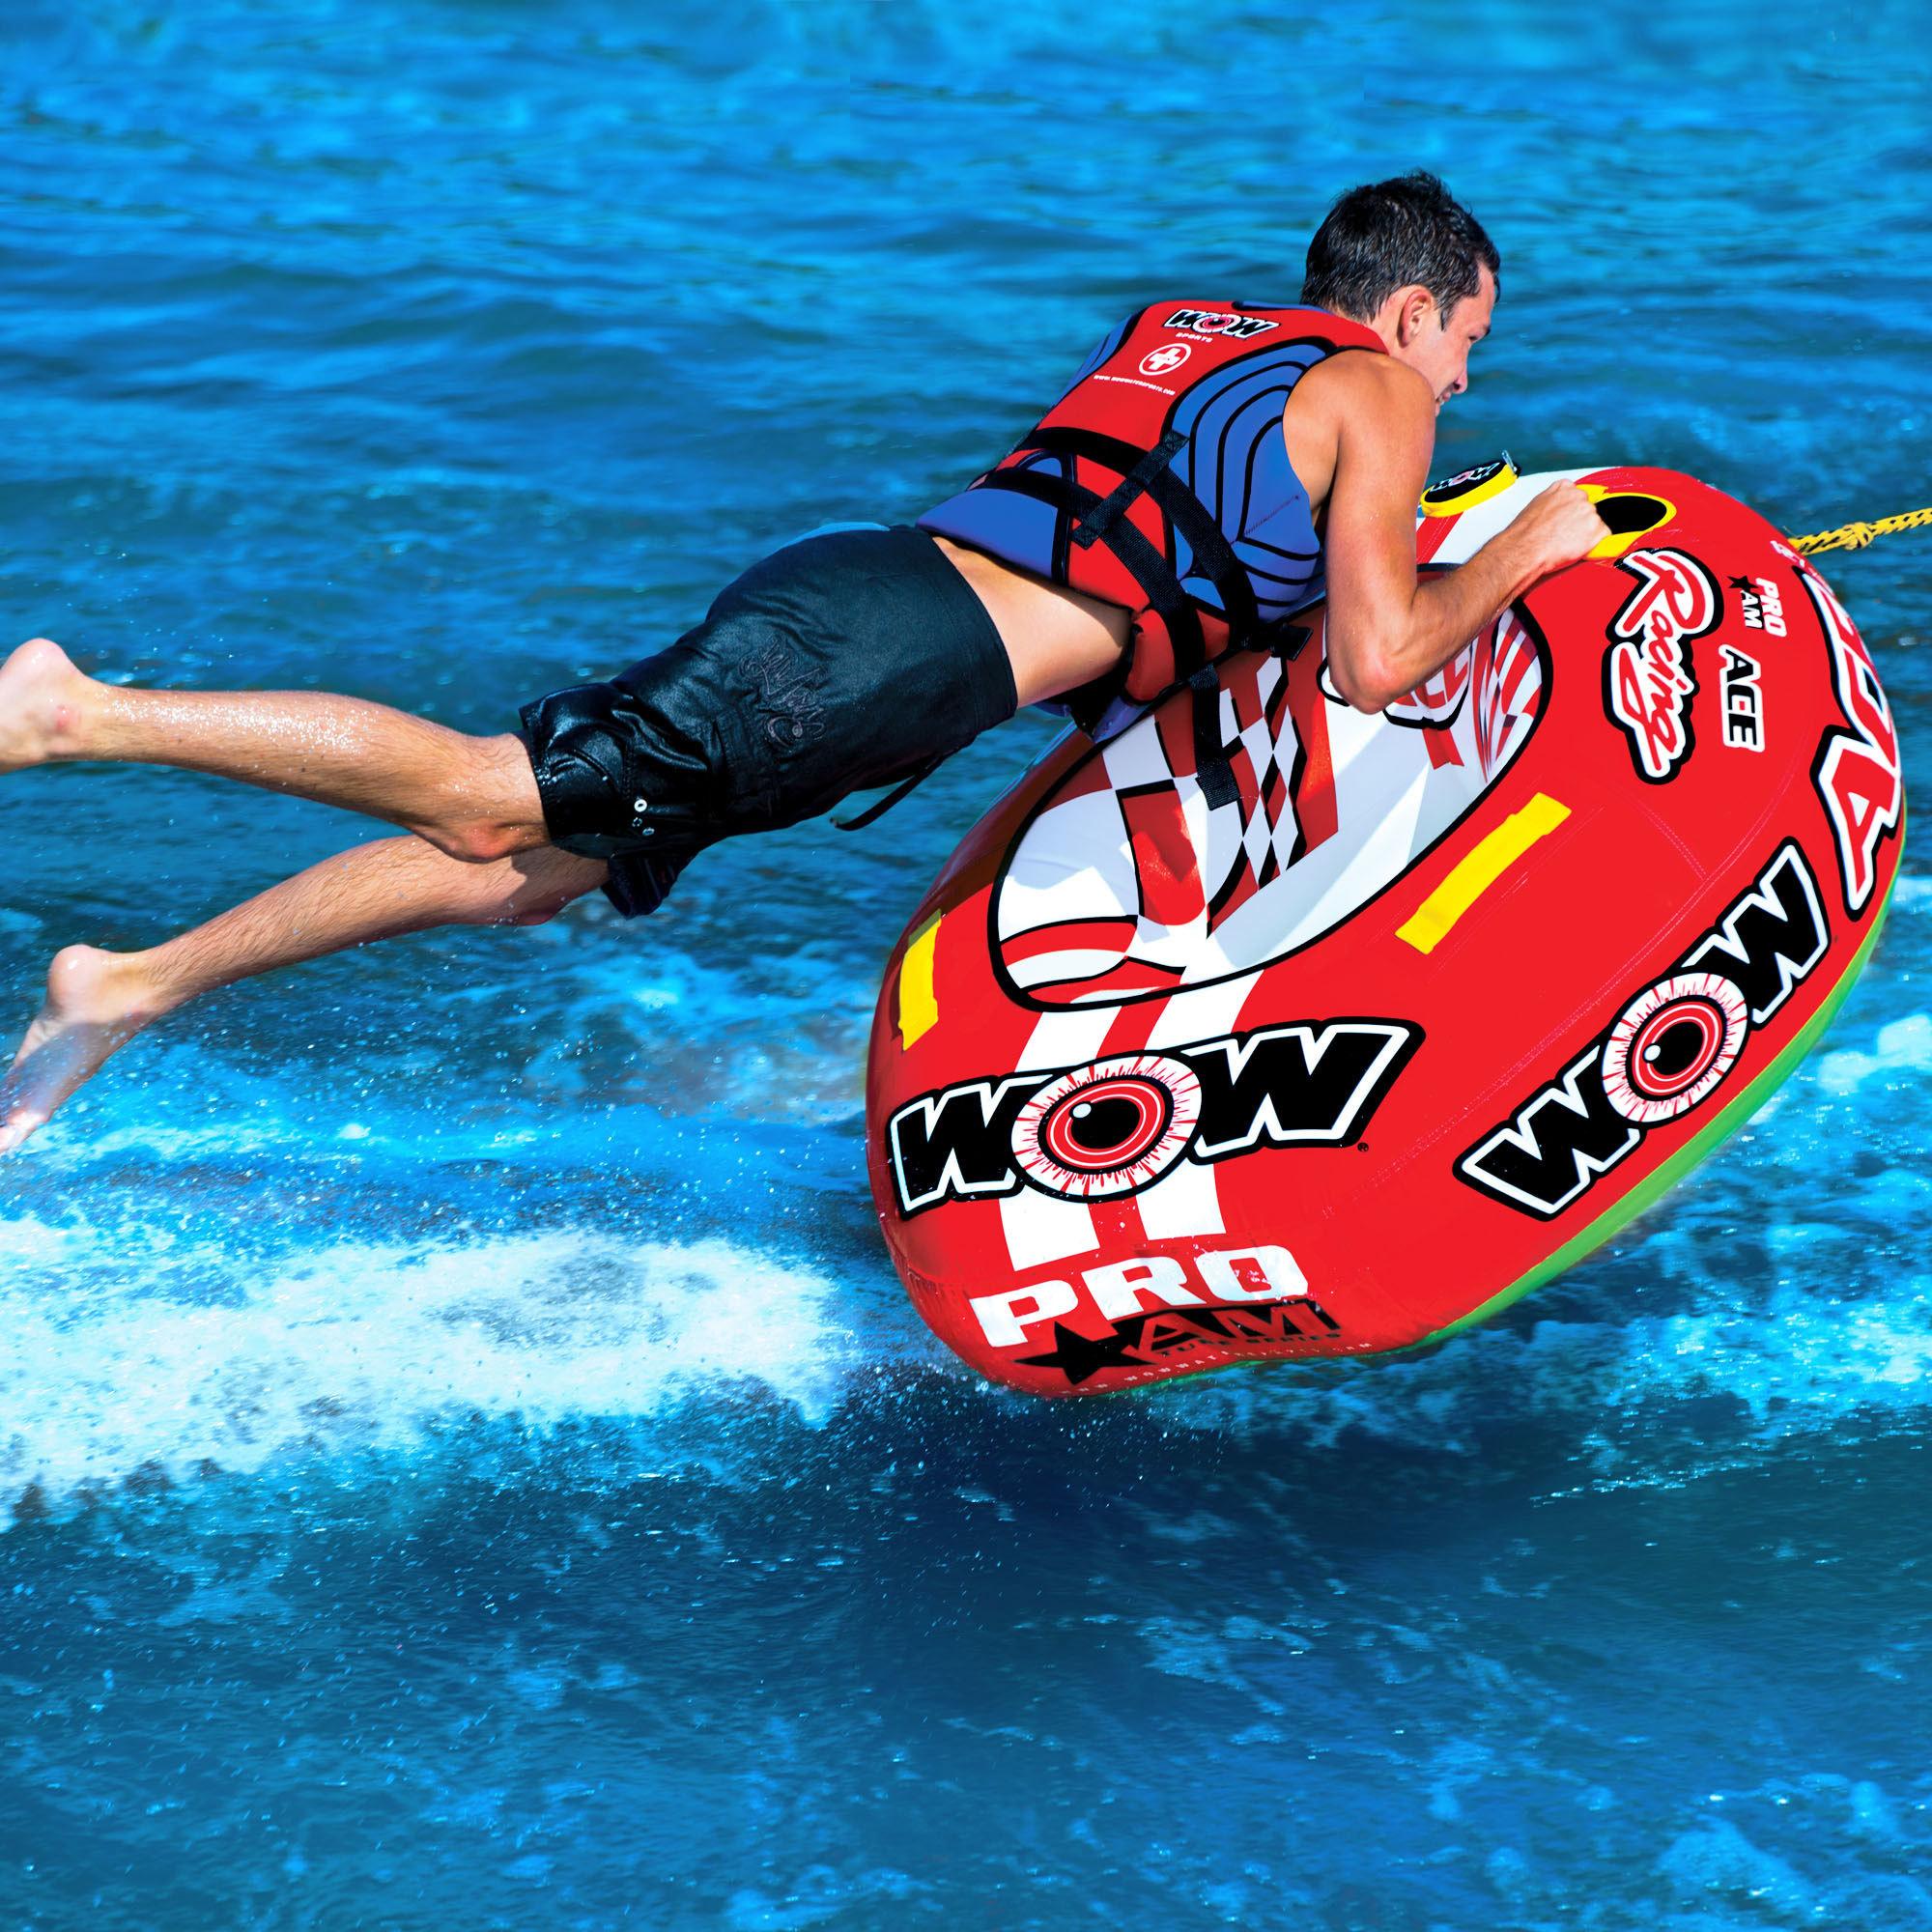 """Towable ski tube """"Ace racing"""", 1 person"""